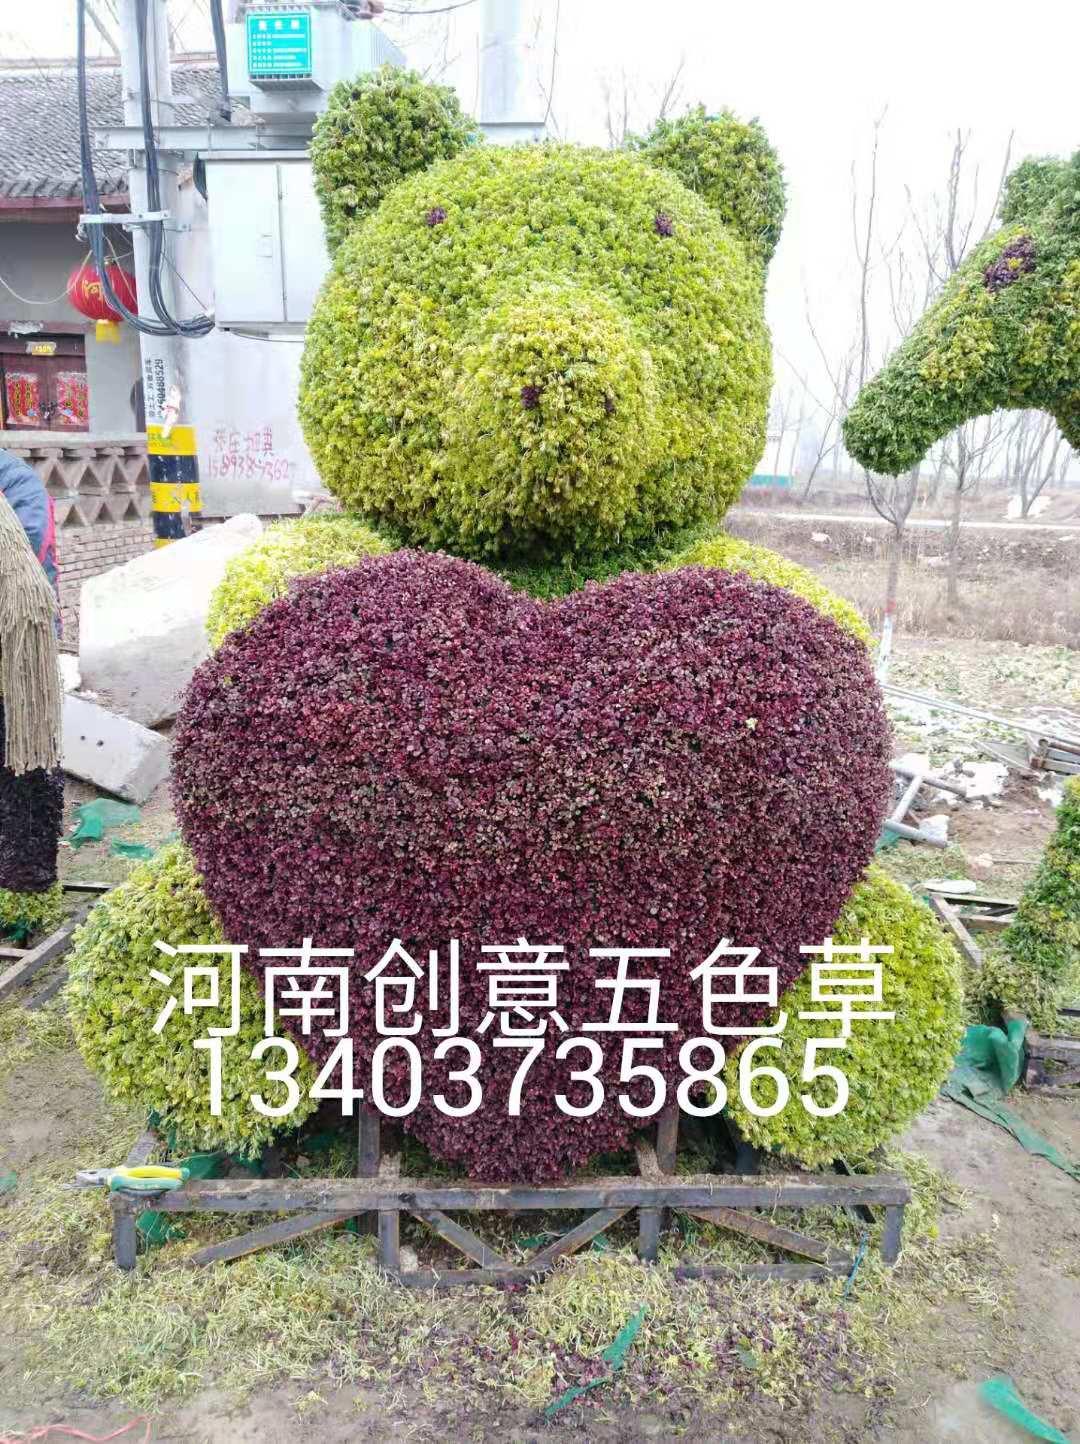 五色草造型價格_景區園藝剪哪家專業